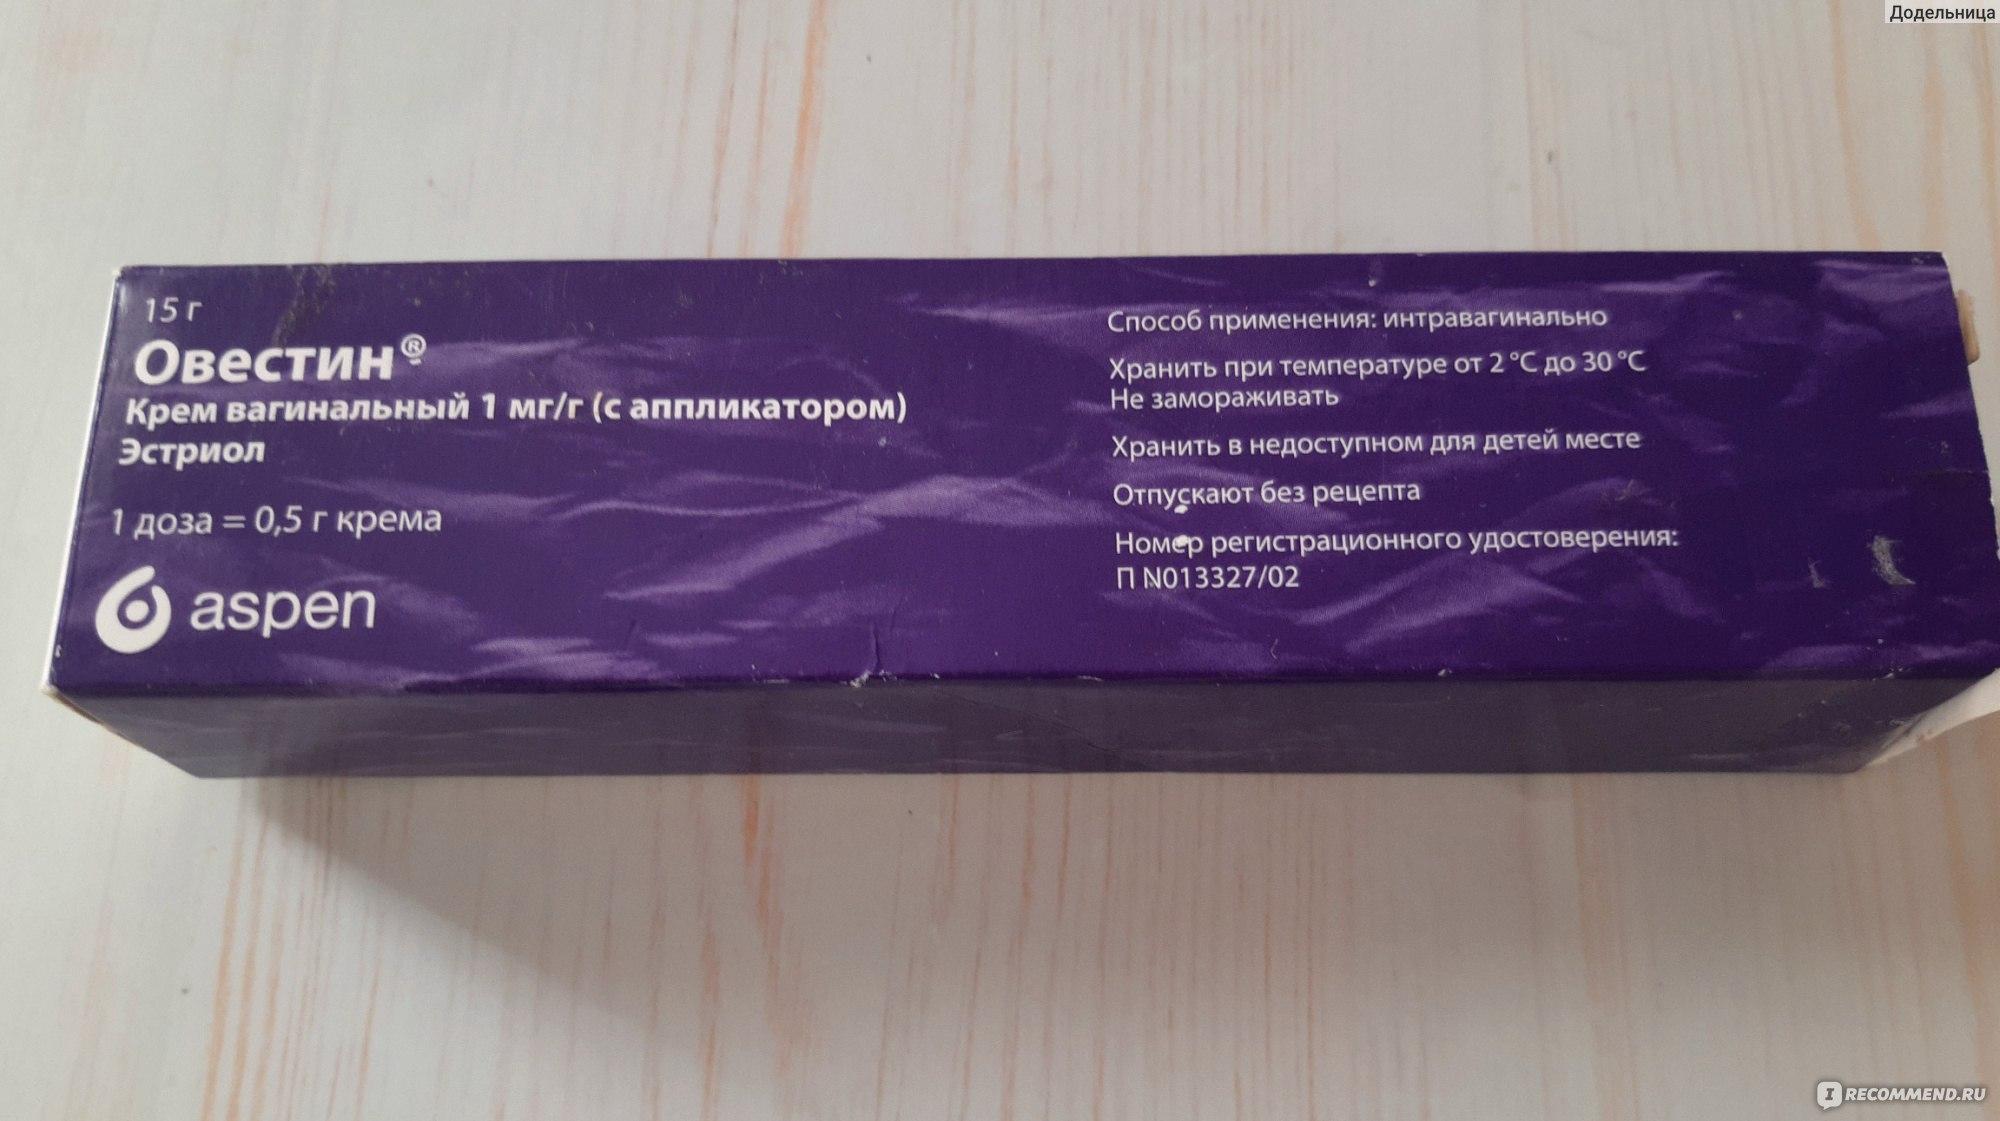 Инструкция поприменению препарата «овестин»